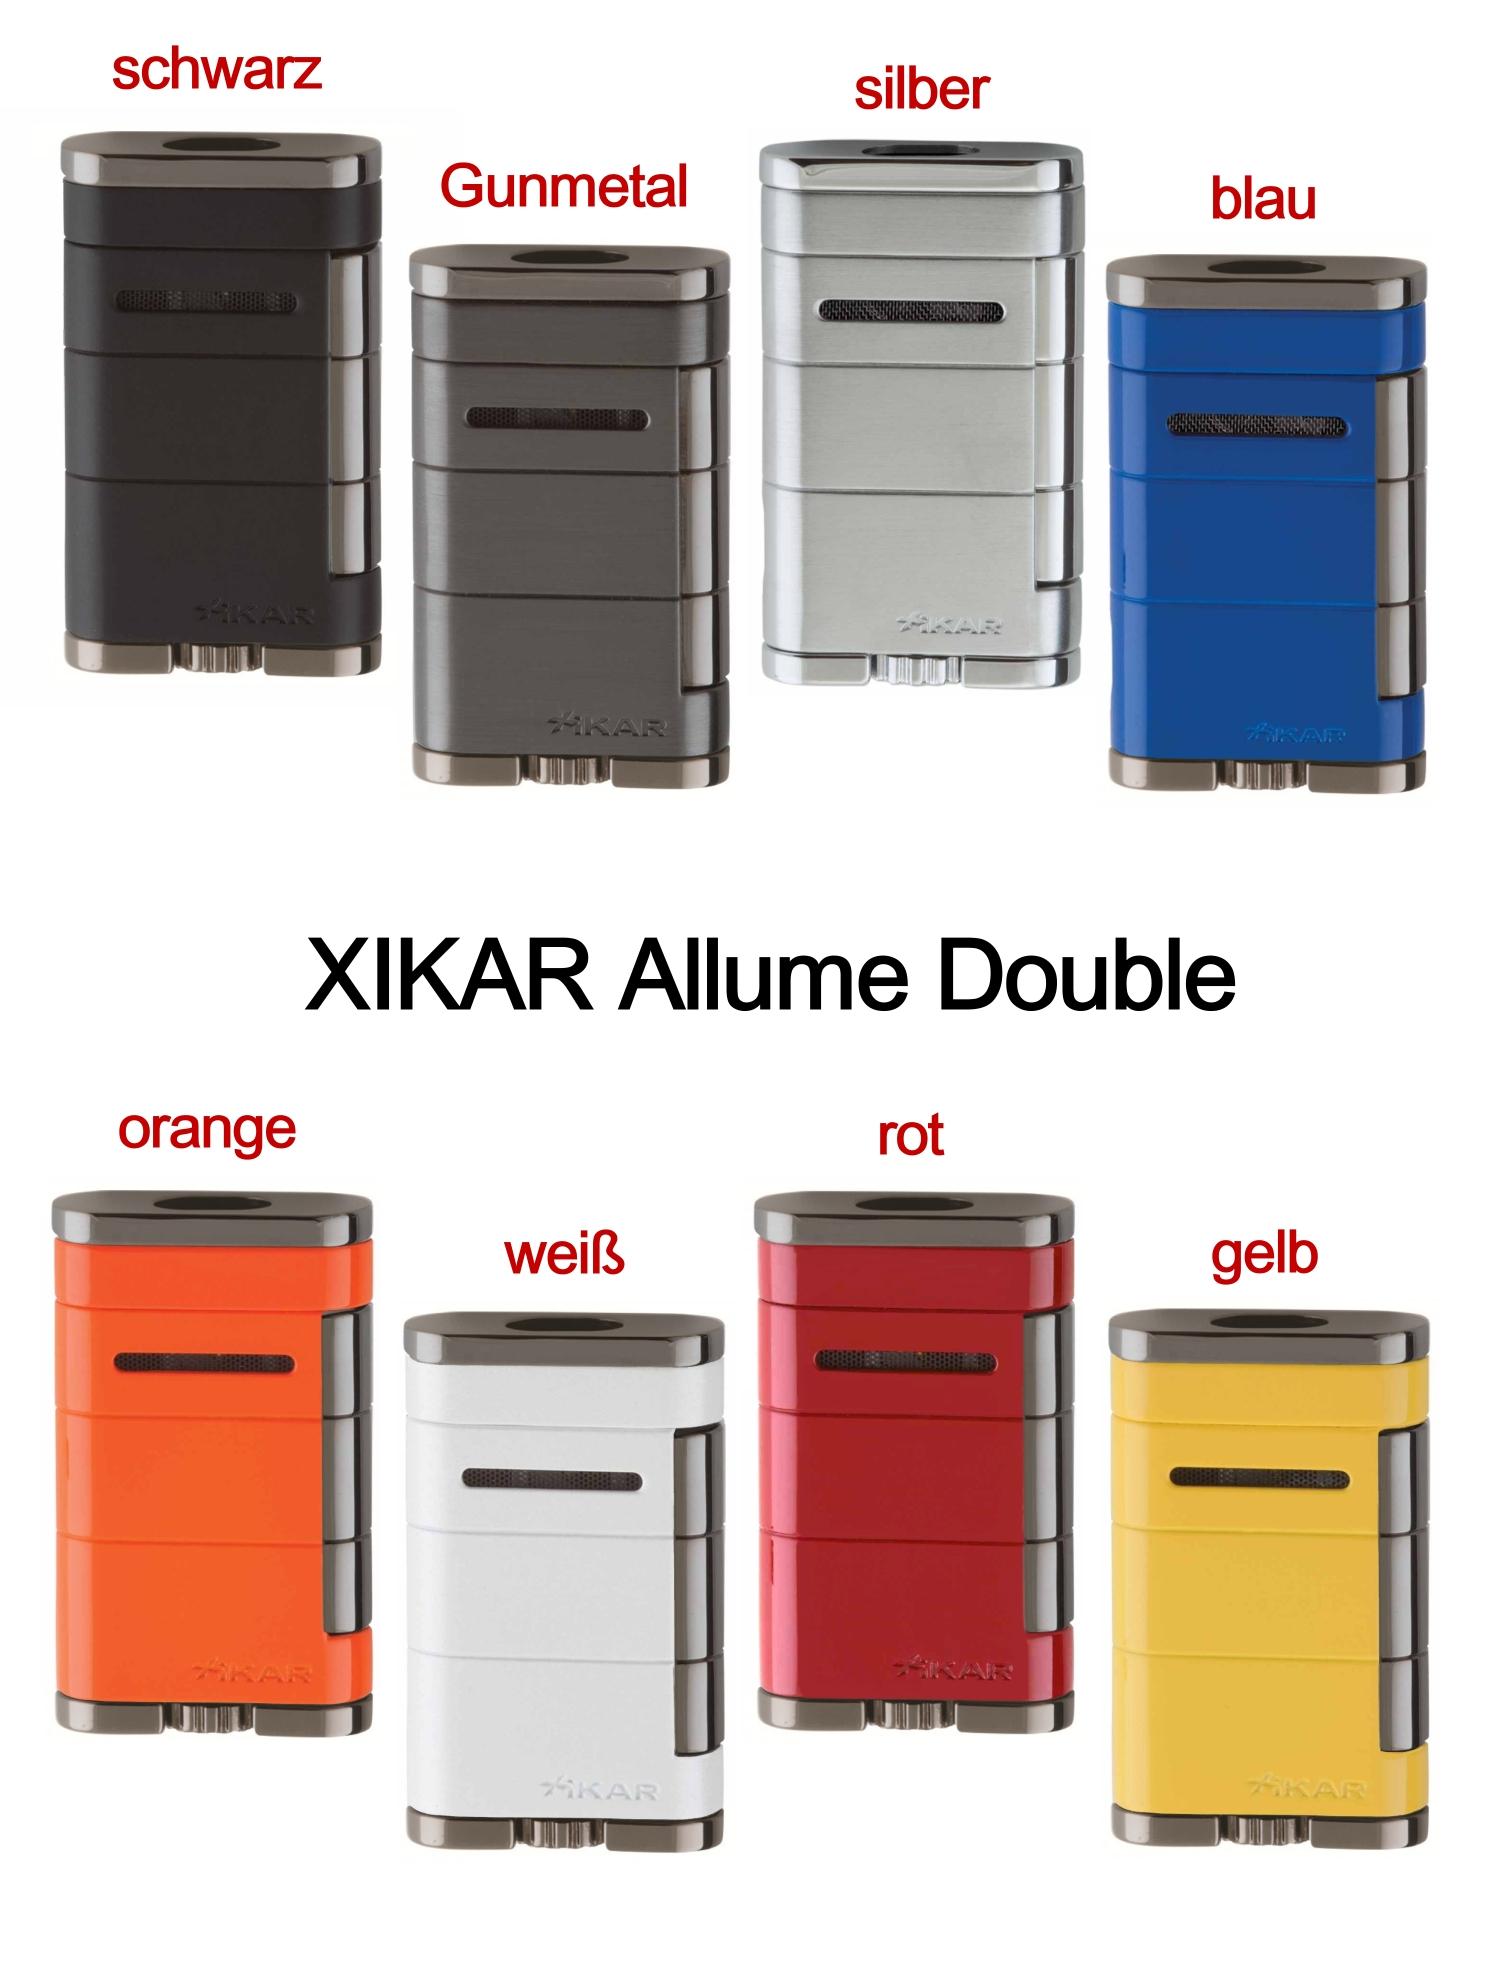 xikar allume double jet feuerzeug gunmetal 1533g2 mit 20 jahre garantie ebay. Black Bedroom Furniture Sets. Home Design Ideas